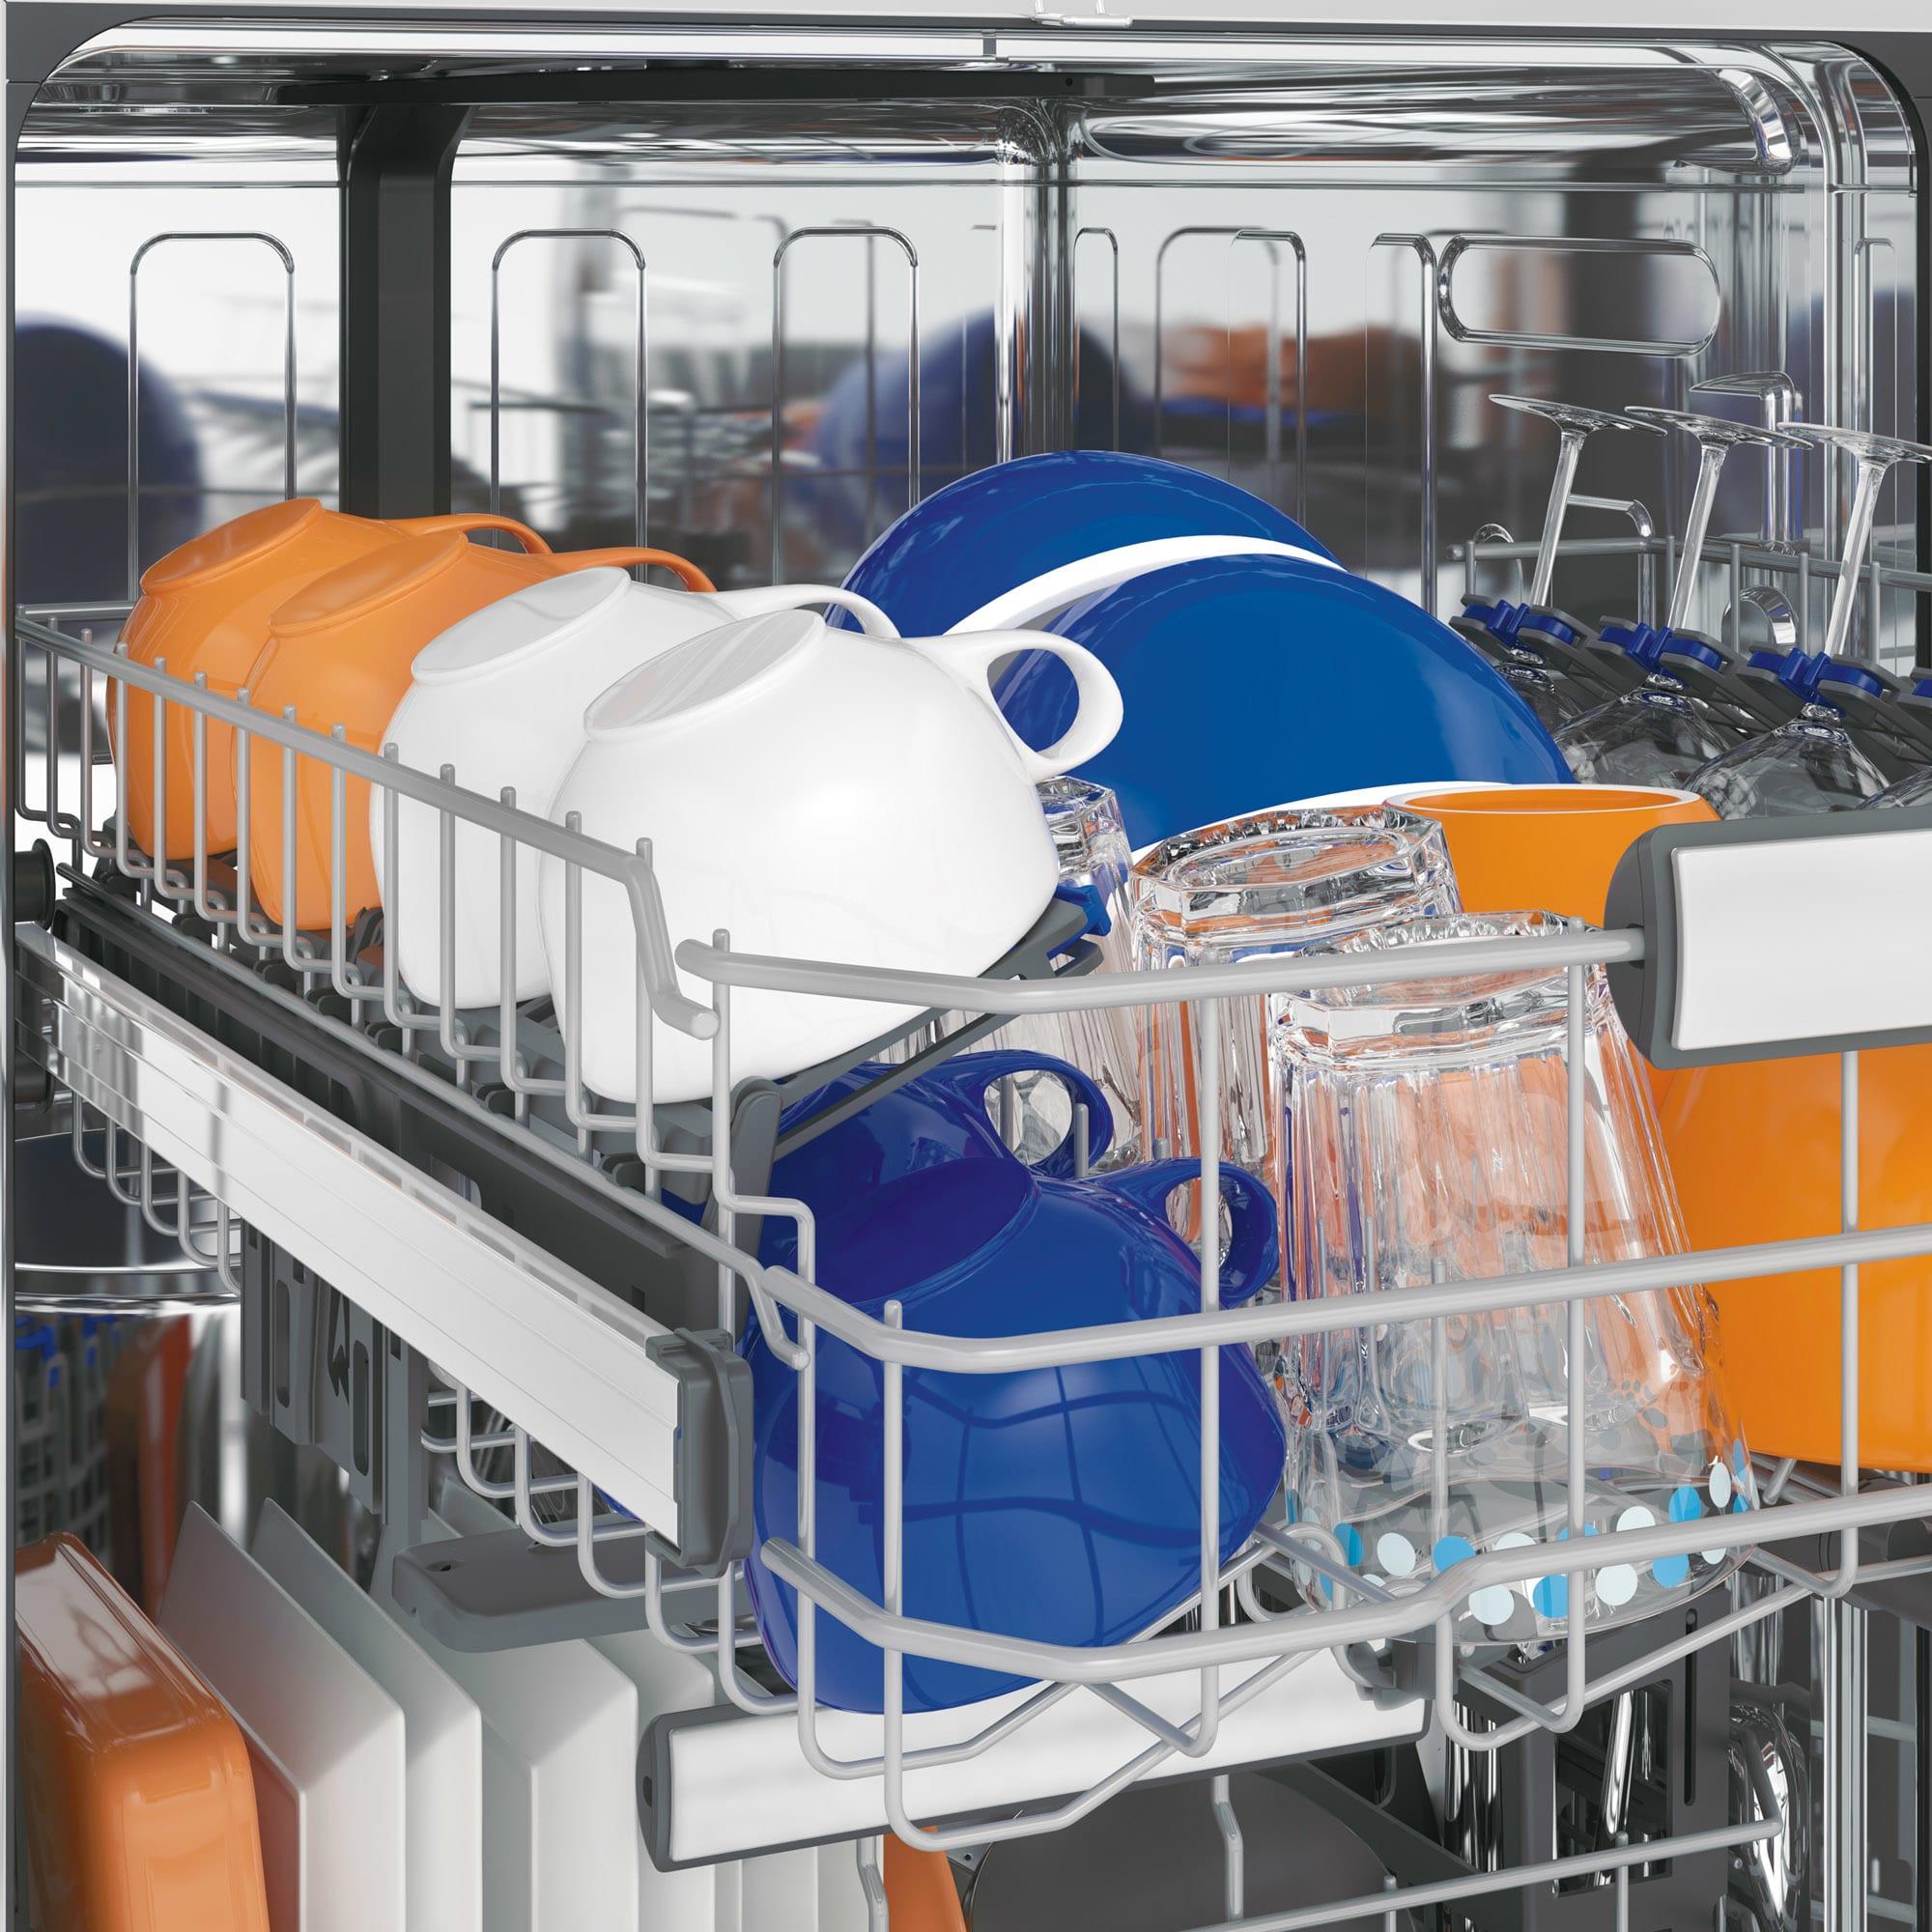 Electrolux Dishwasher Wiring Diagram Get Free Image About Wiring